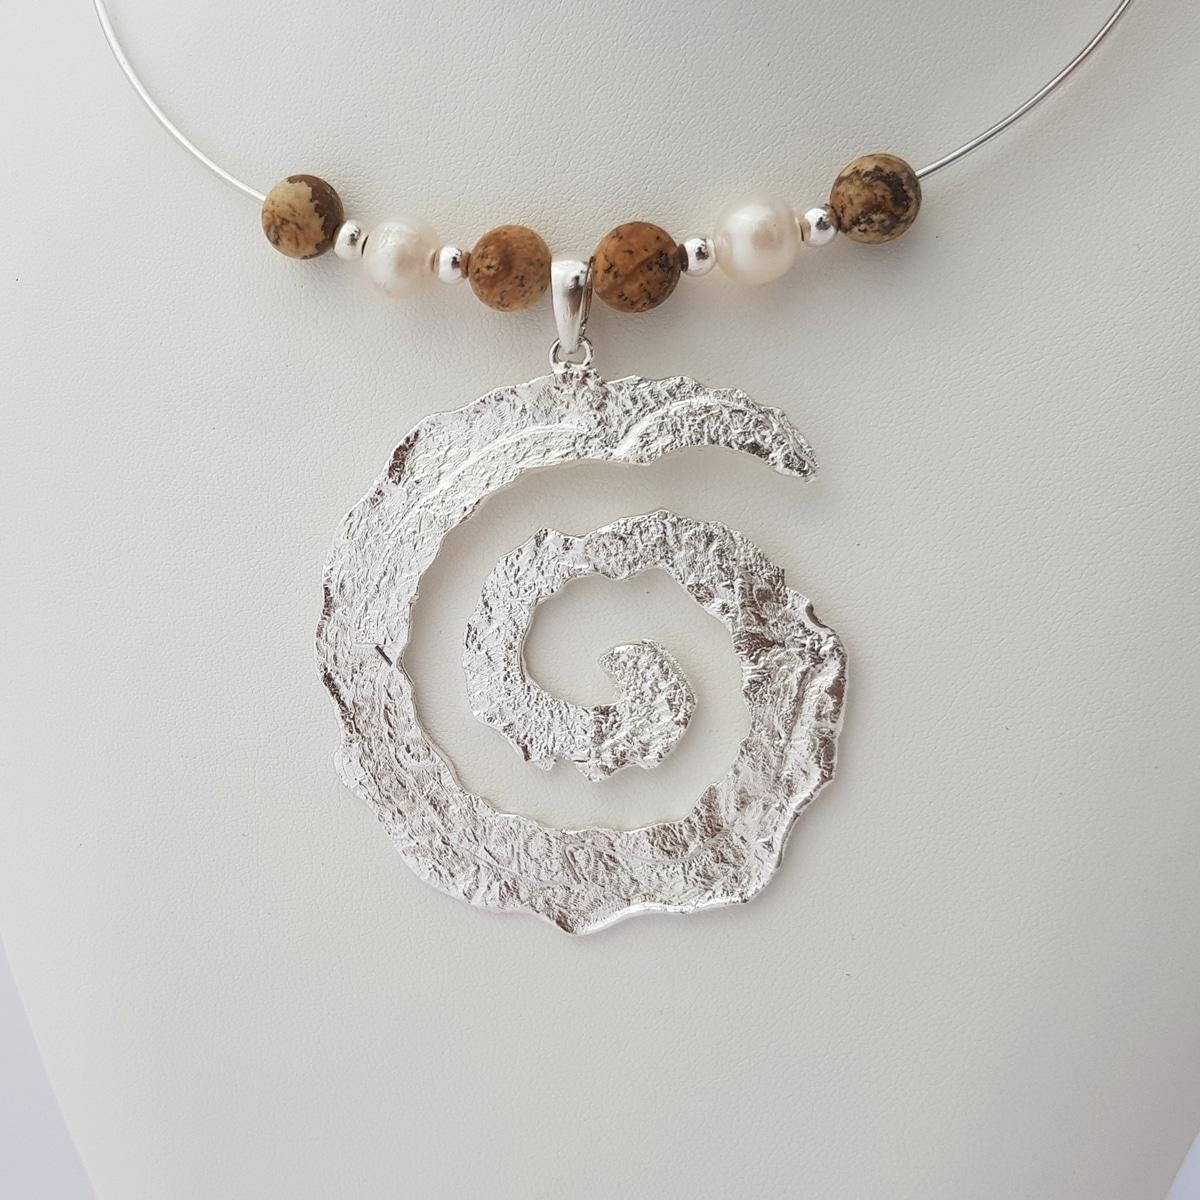 Colgante espiral de plata artesanal con jaspe y perlas. Joyas Siliva.